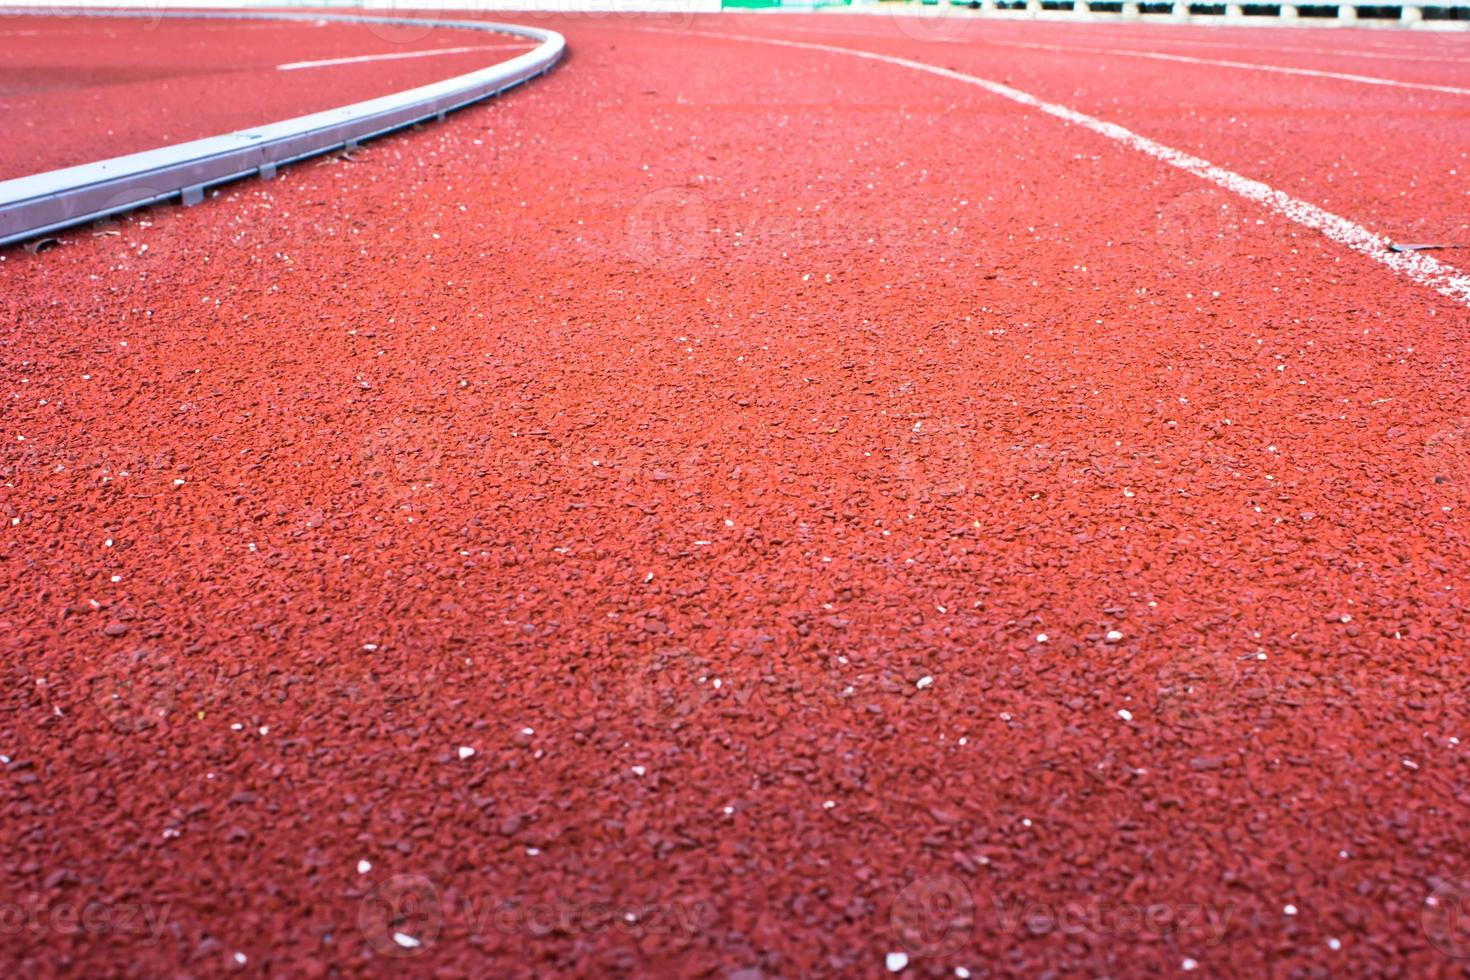 pista de corrida cor vermelha padrão de borracha foto